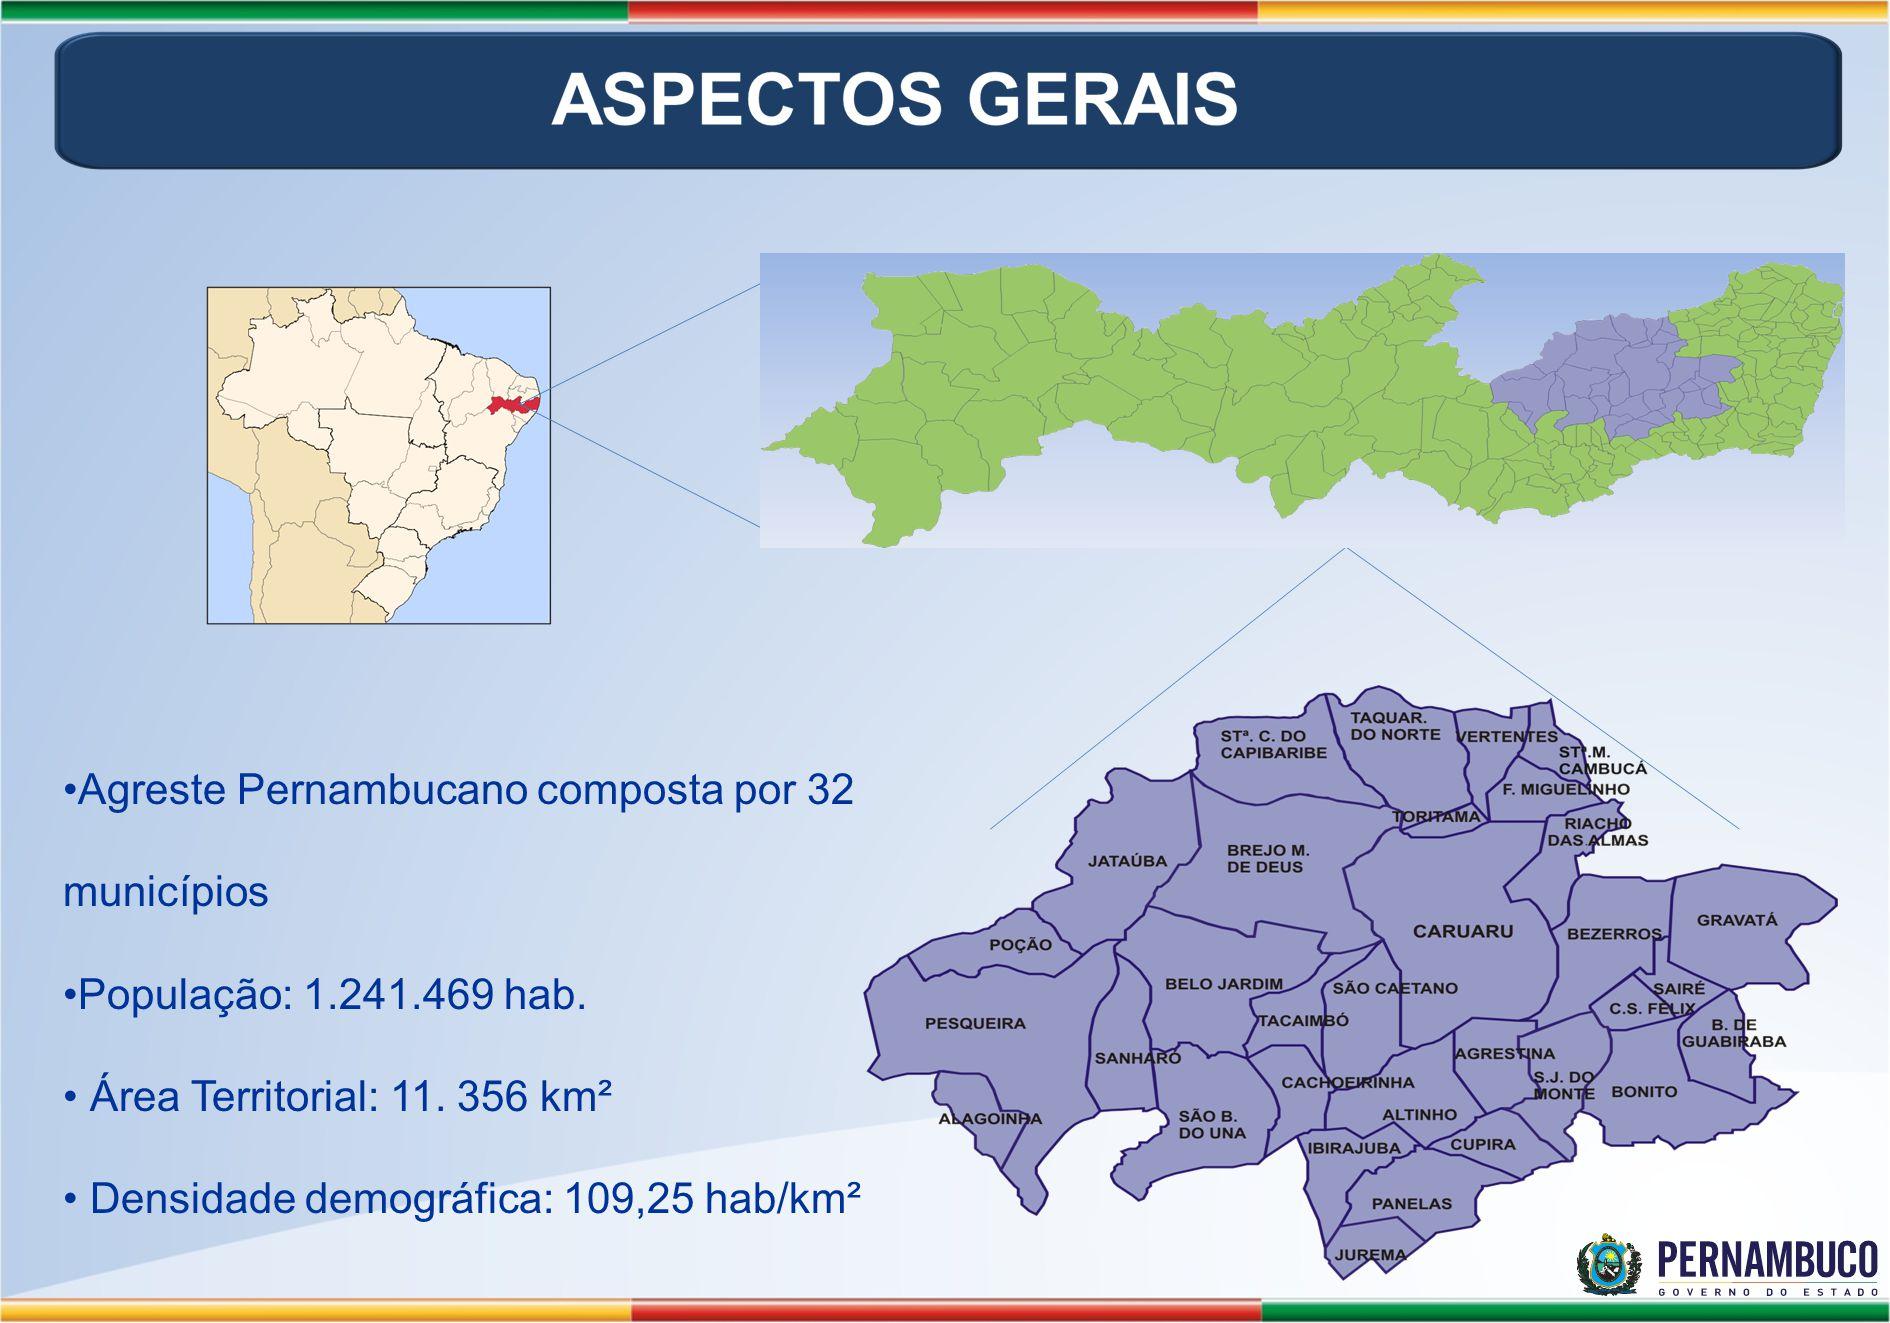 Agreste Pernambucano composta por 32 municípios População: 1.241.469 hab.